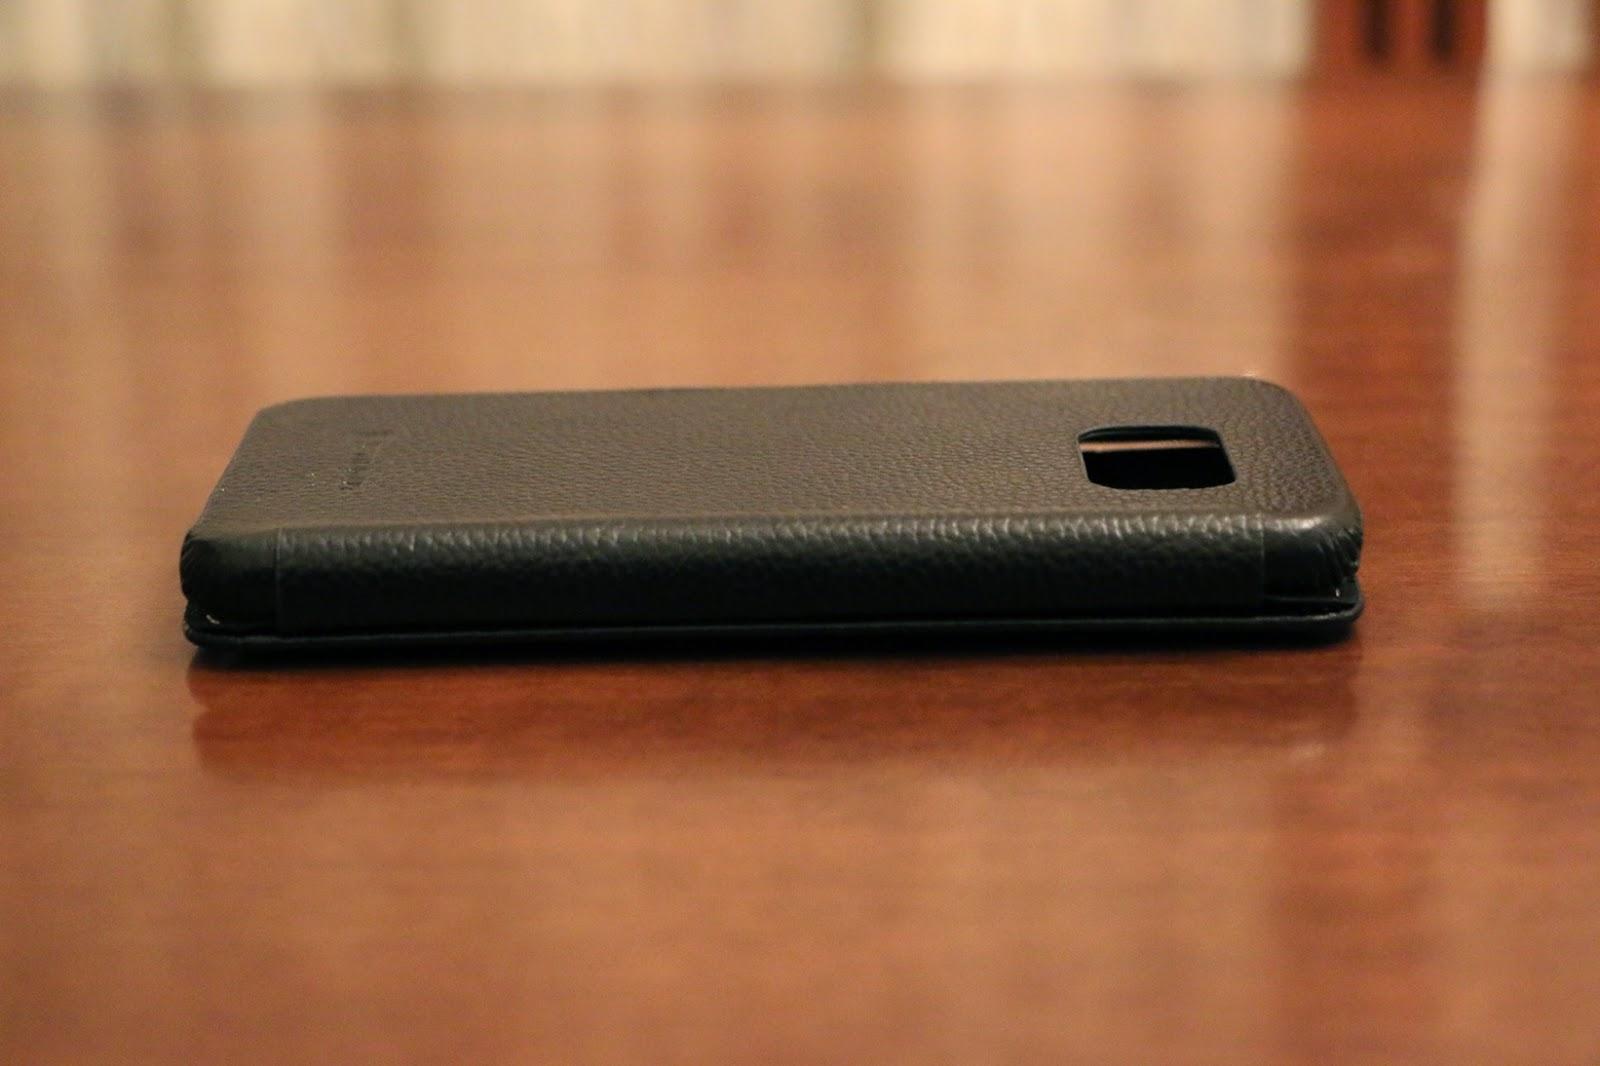 StilGut custodia Galaxy S6 modello Book Type nera vista laterale 3